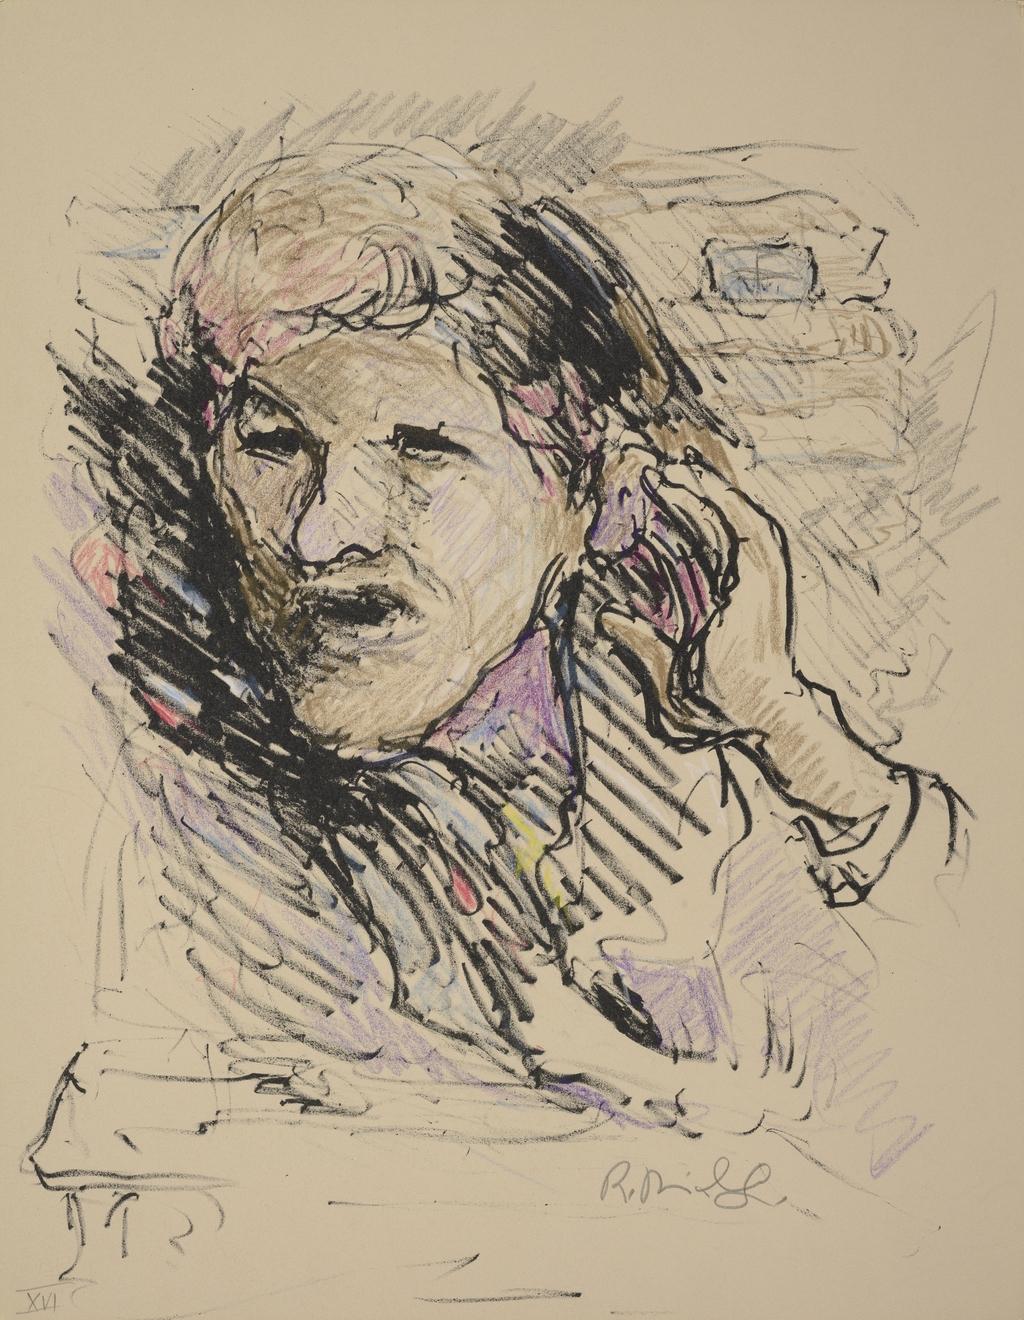 Homme tendant l'oreille, du livre d'artiste «La Montagne secrète»